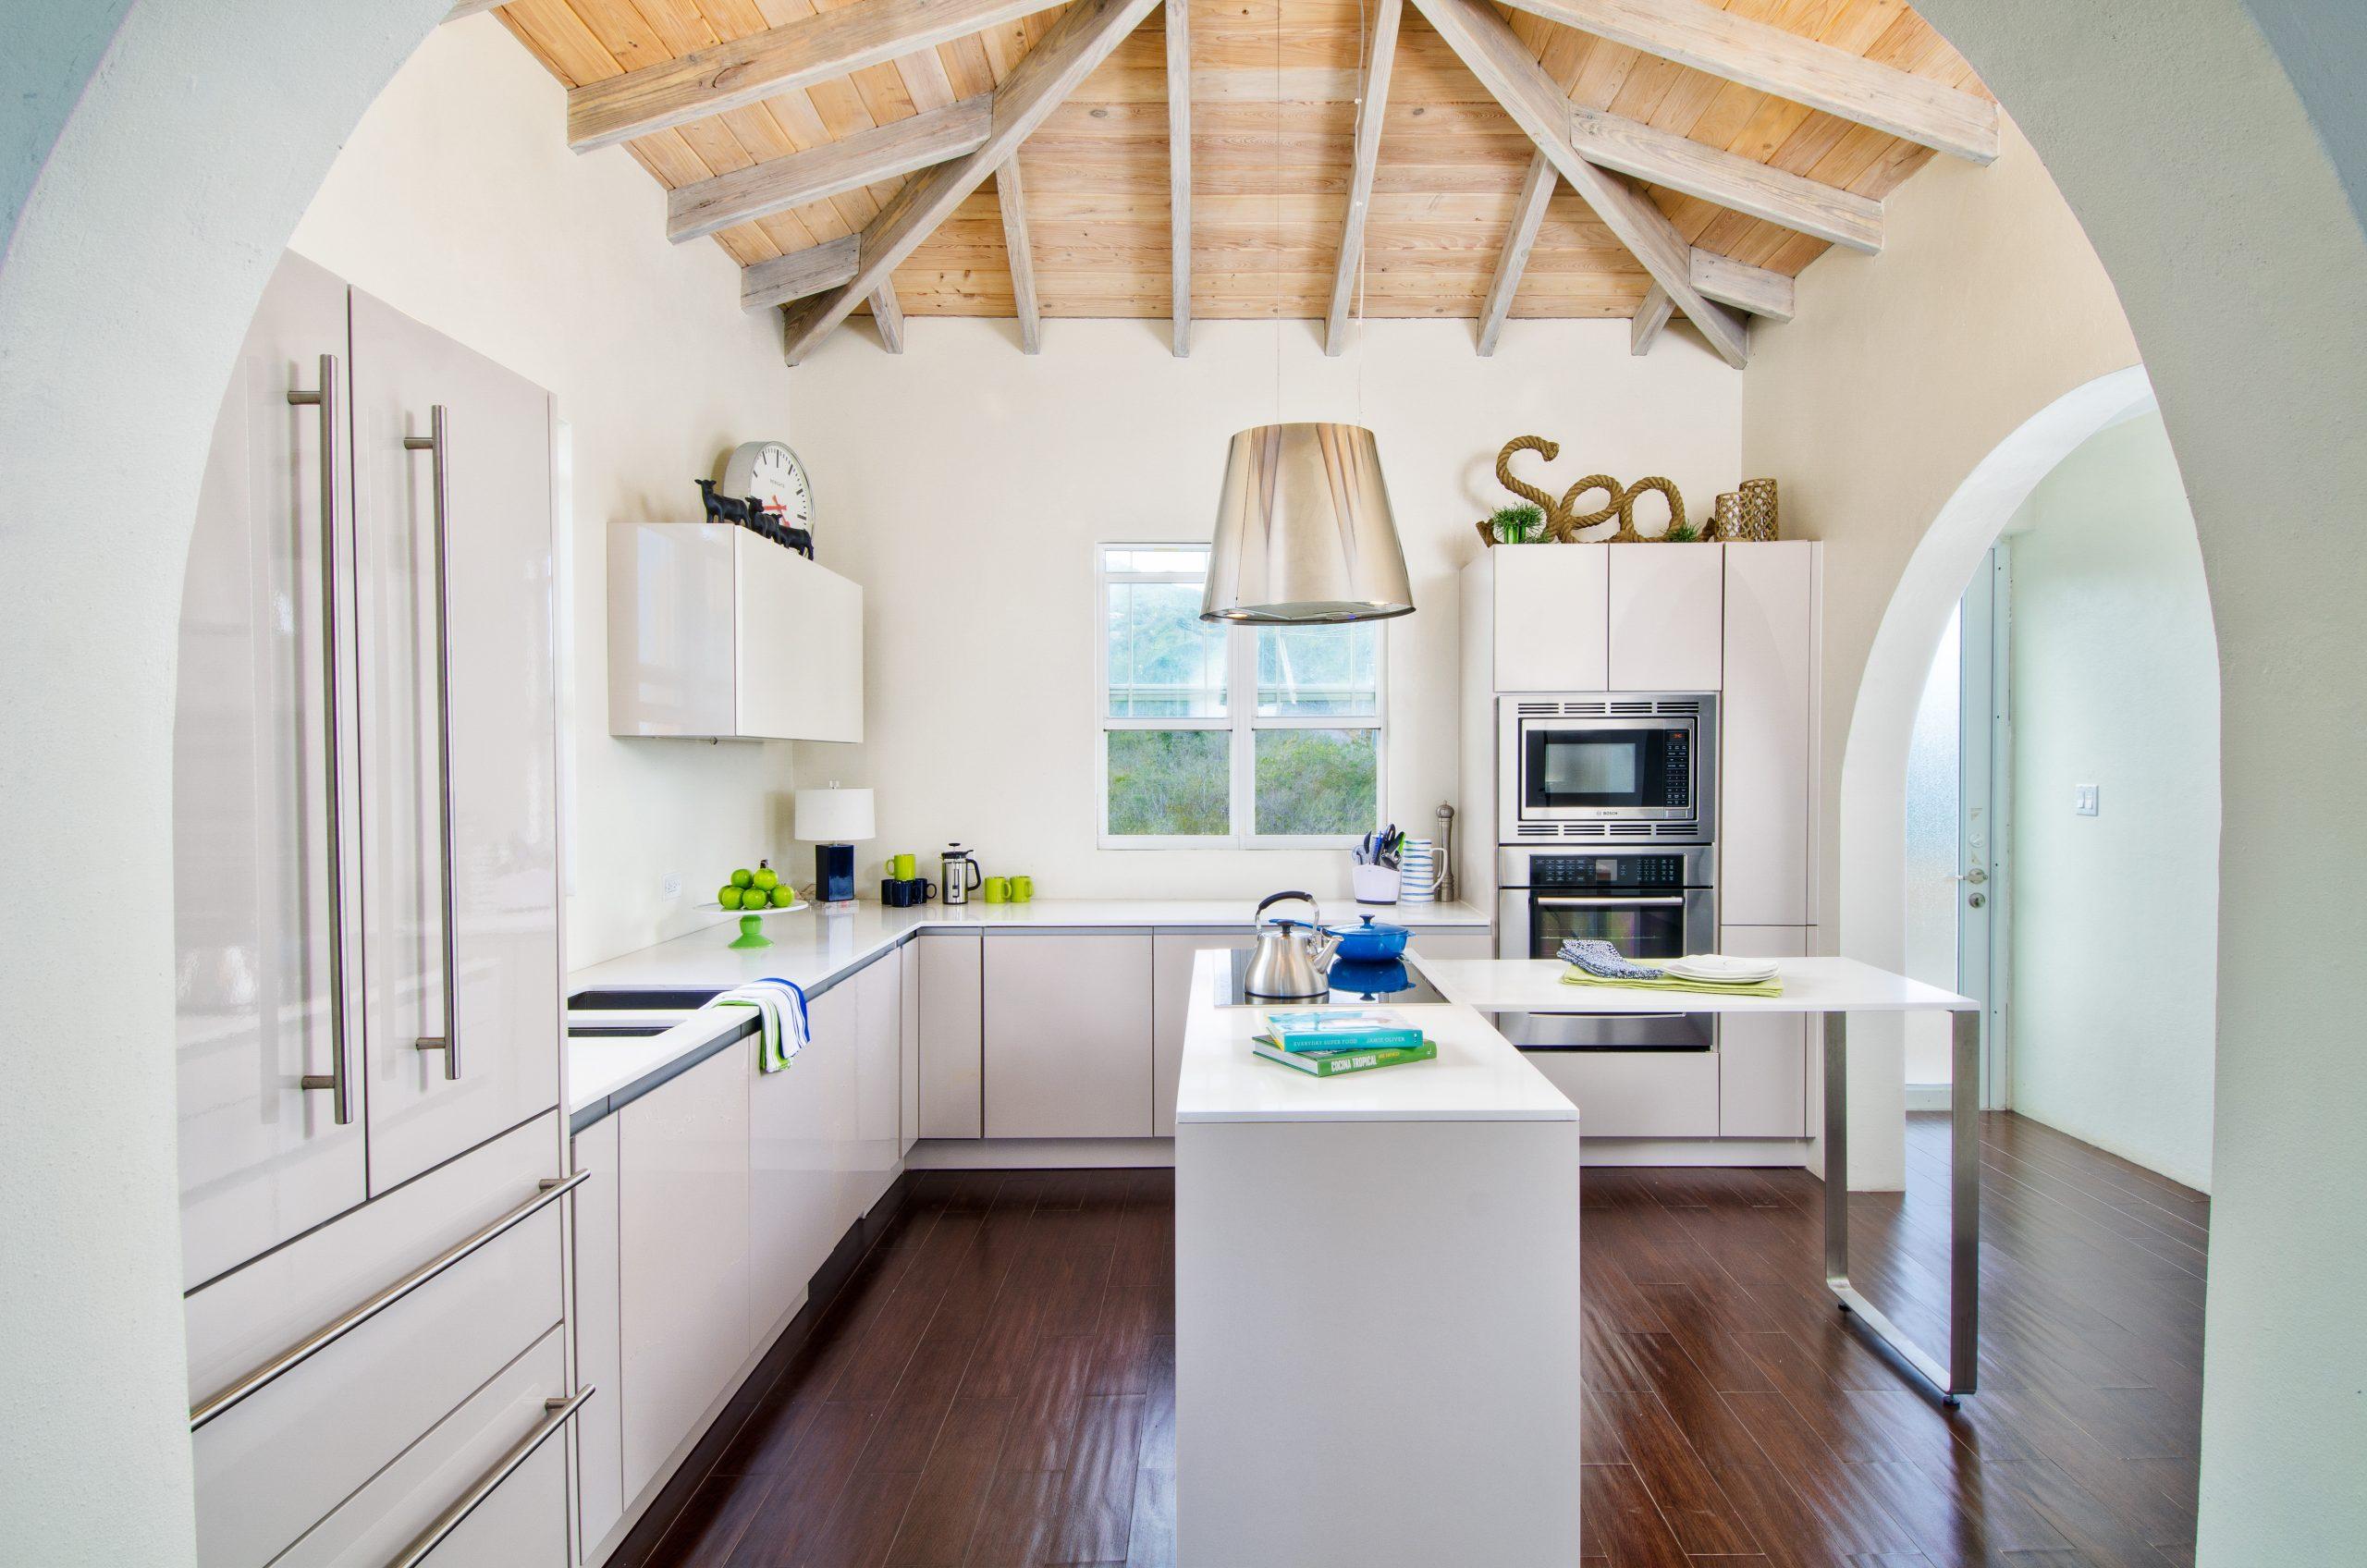 award winning residential interior design